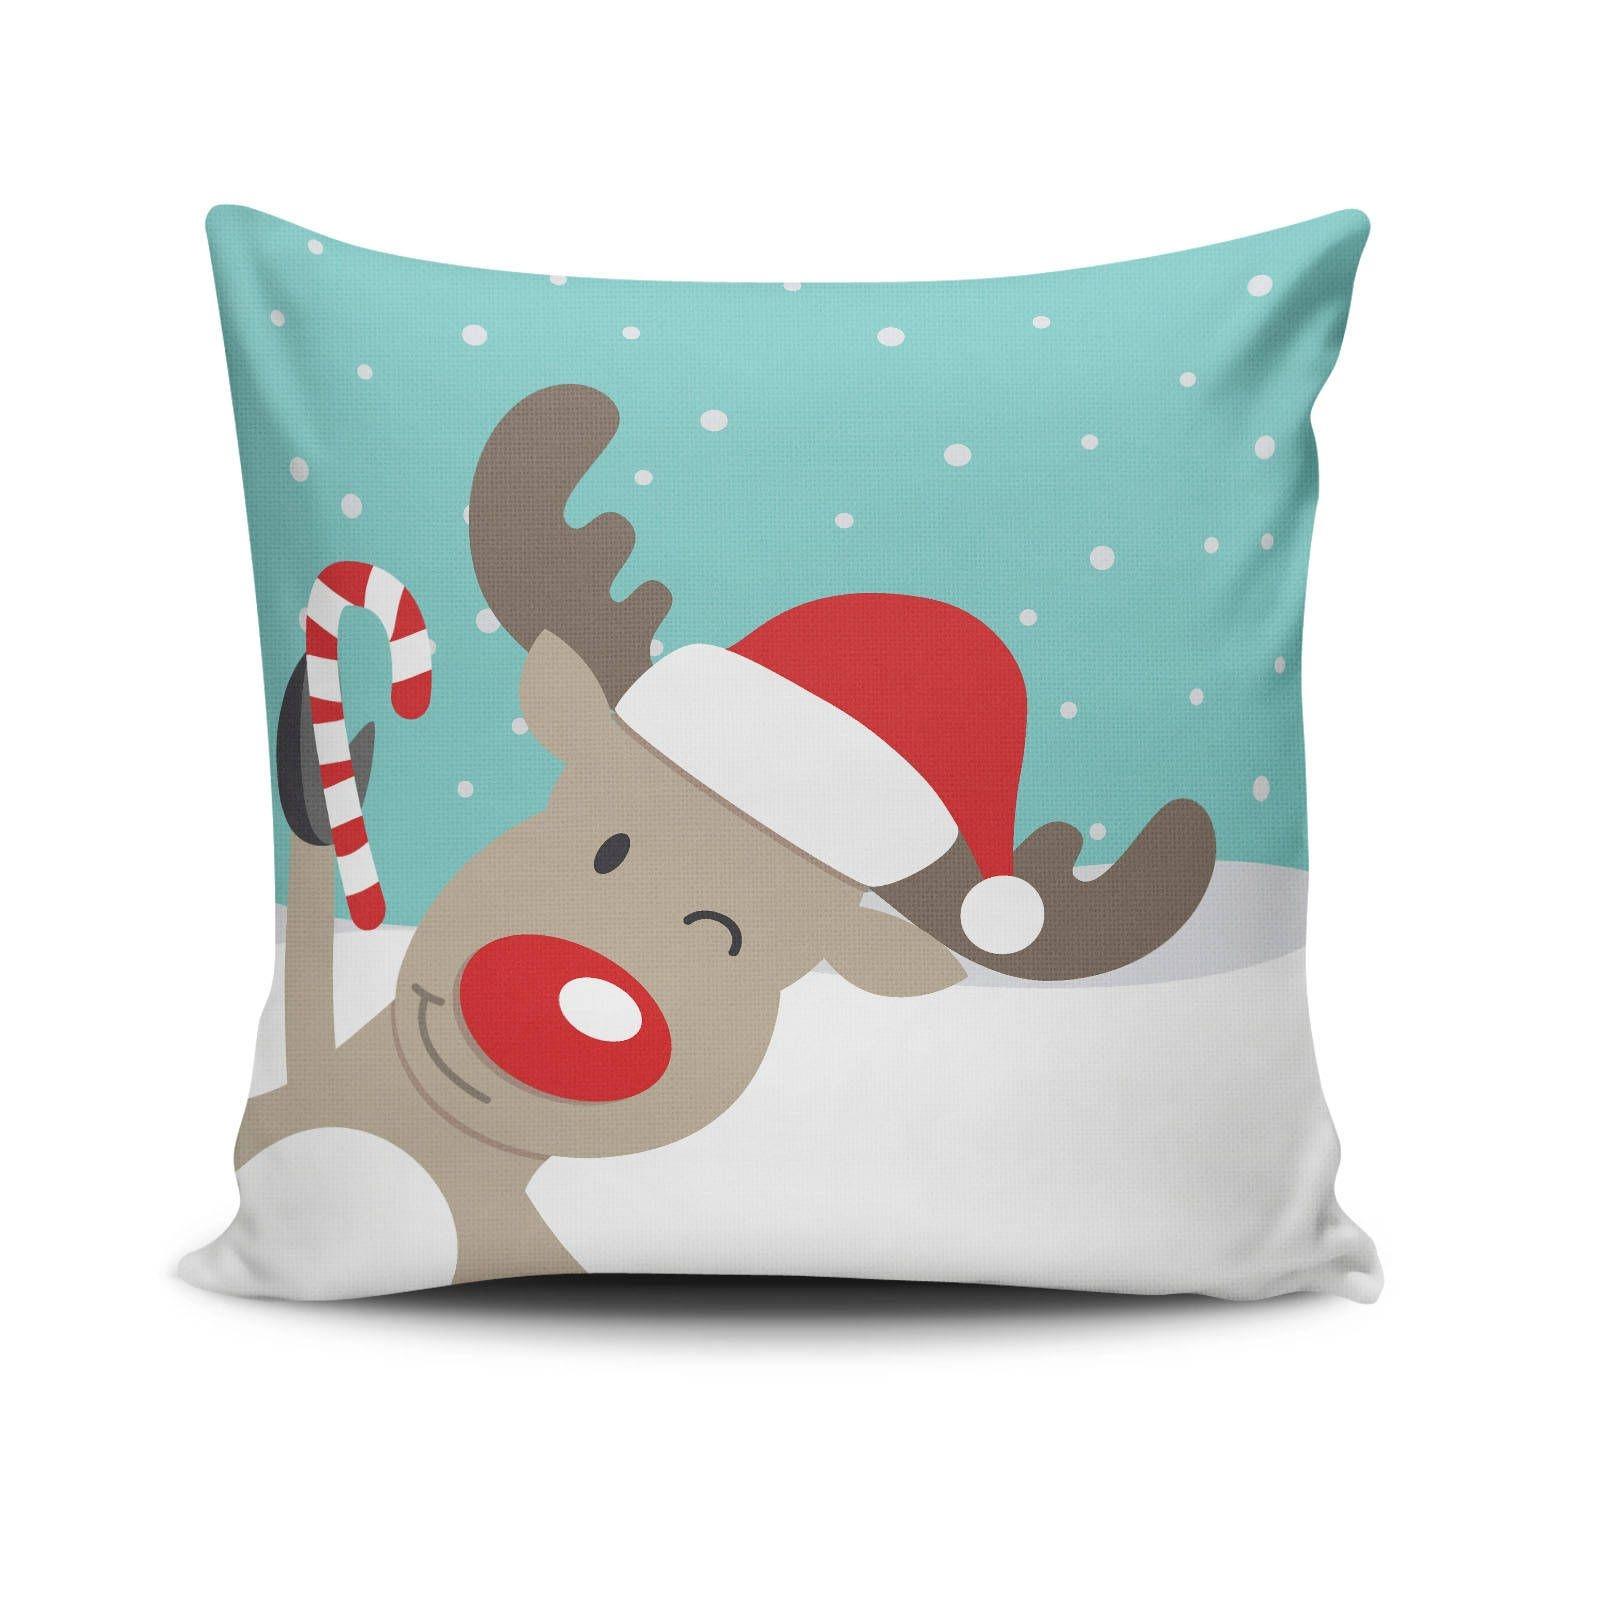 Perna decorativa Little Reindeer Multicolor, L43xl43 cm